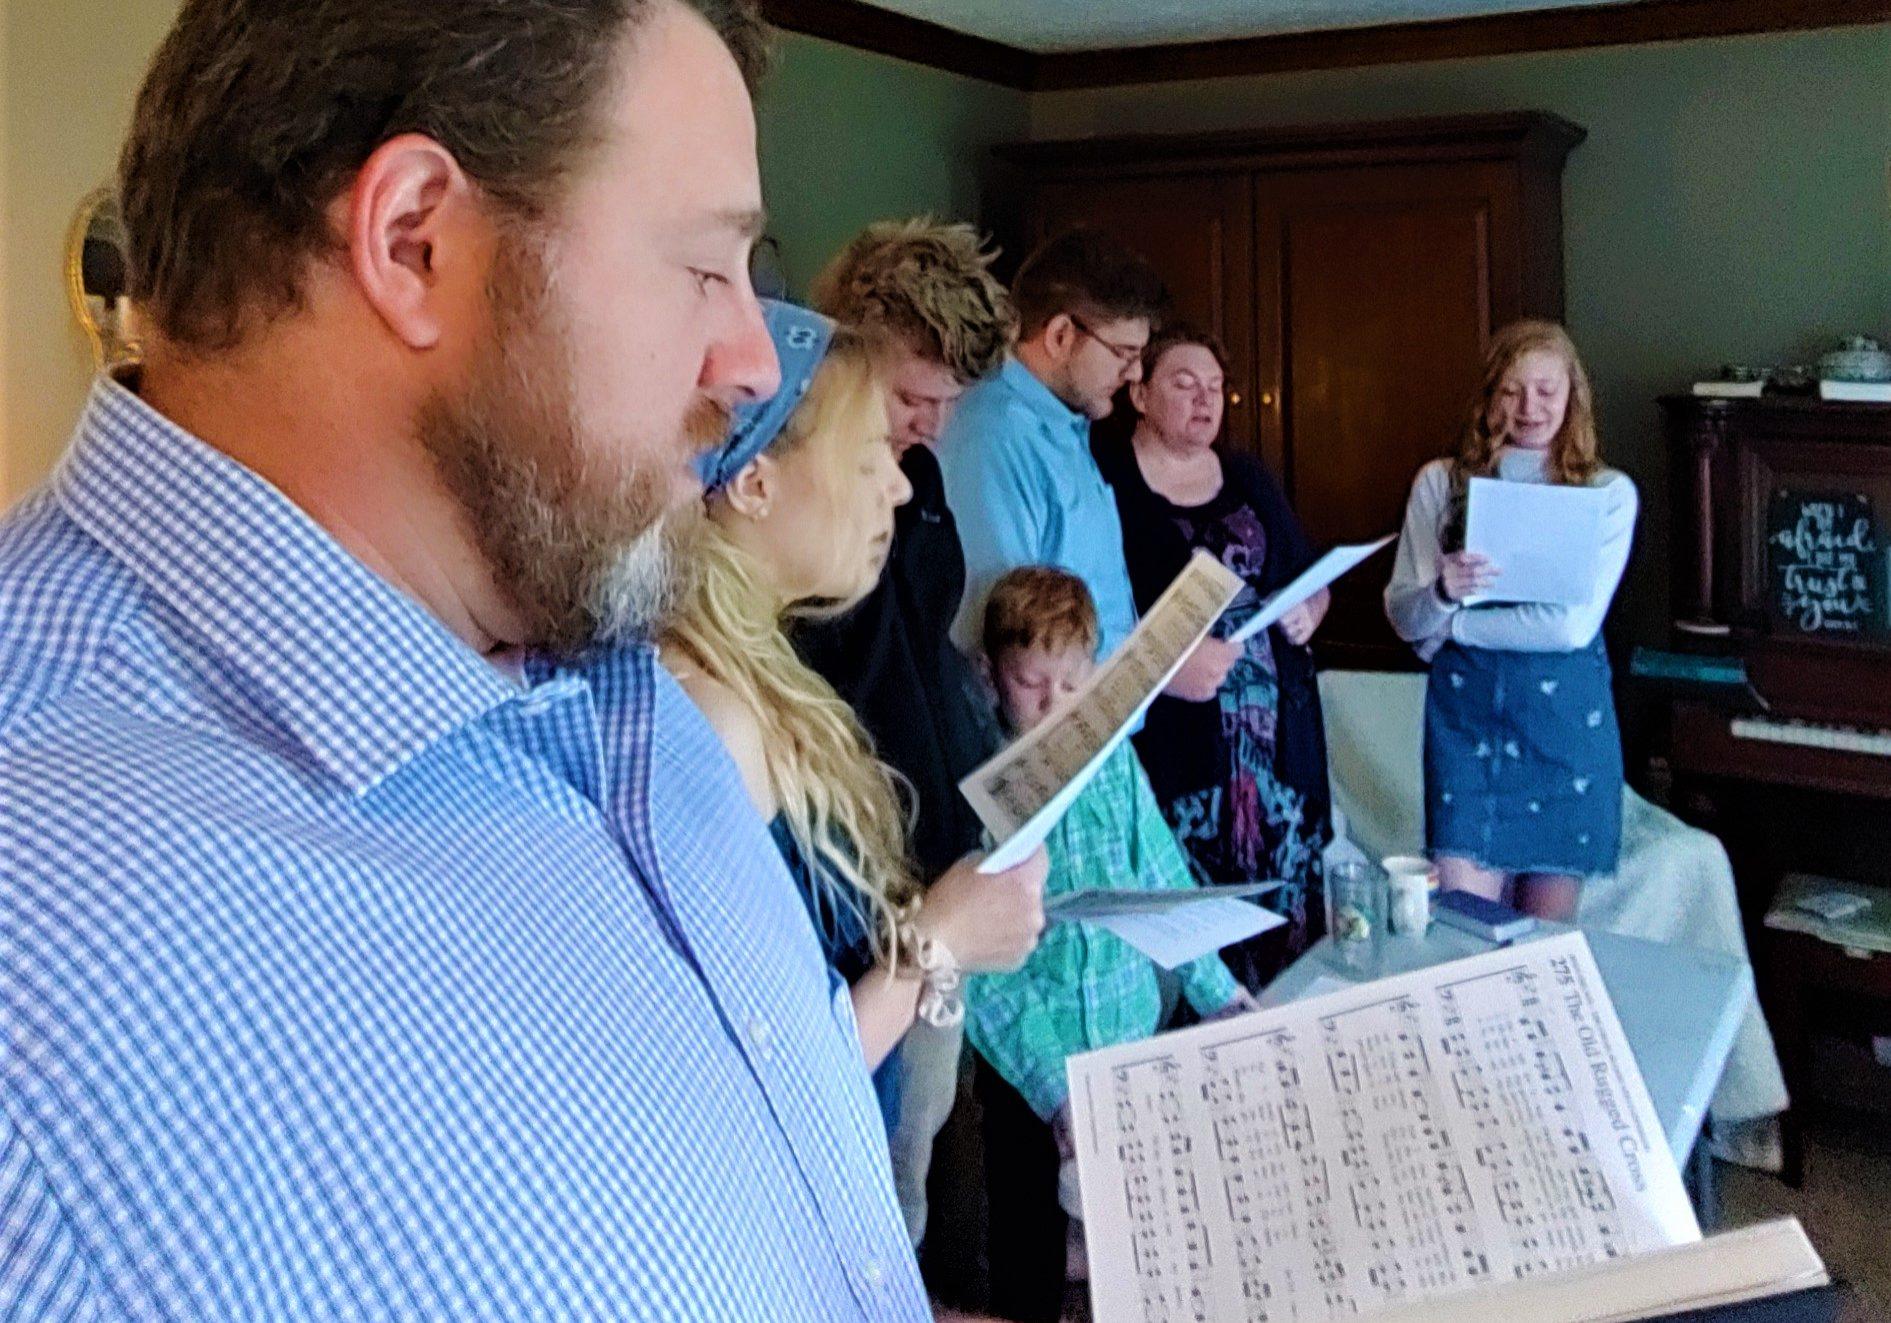 Southerland family Sunday worship, edited